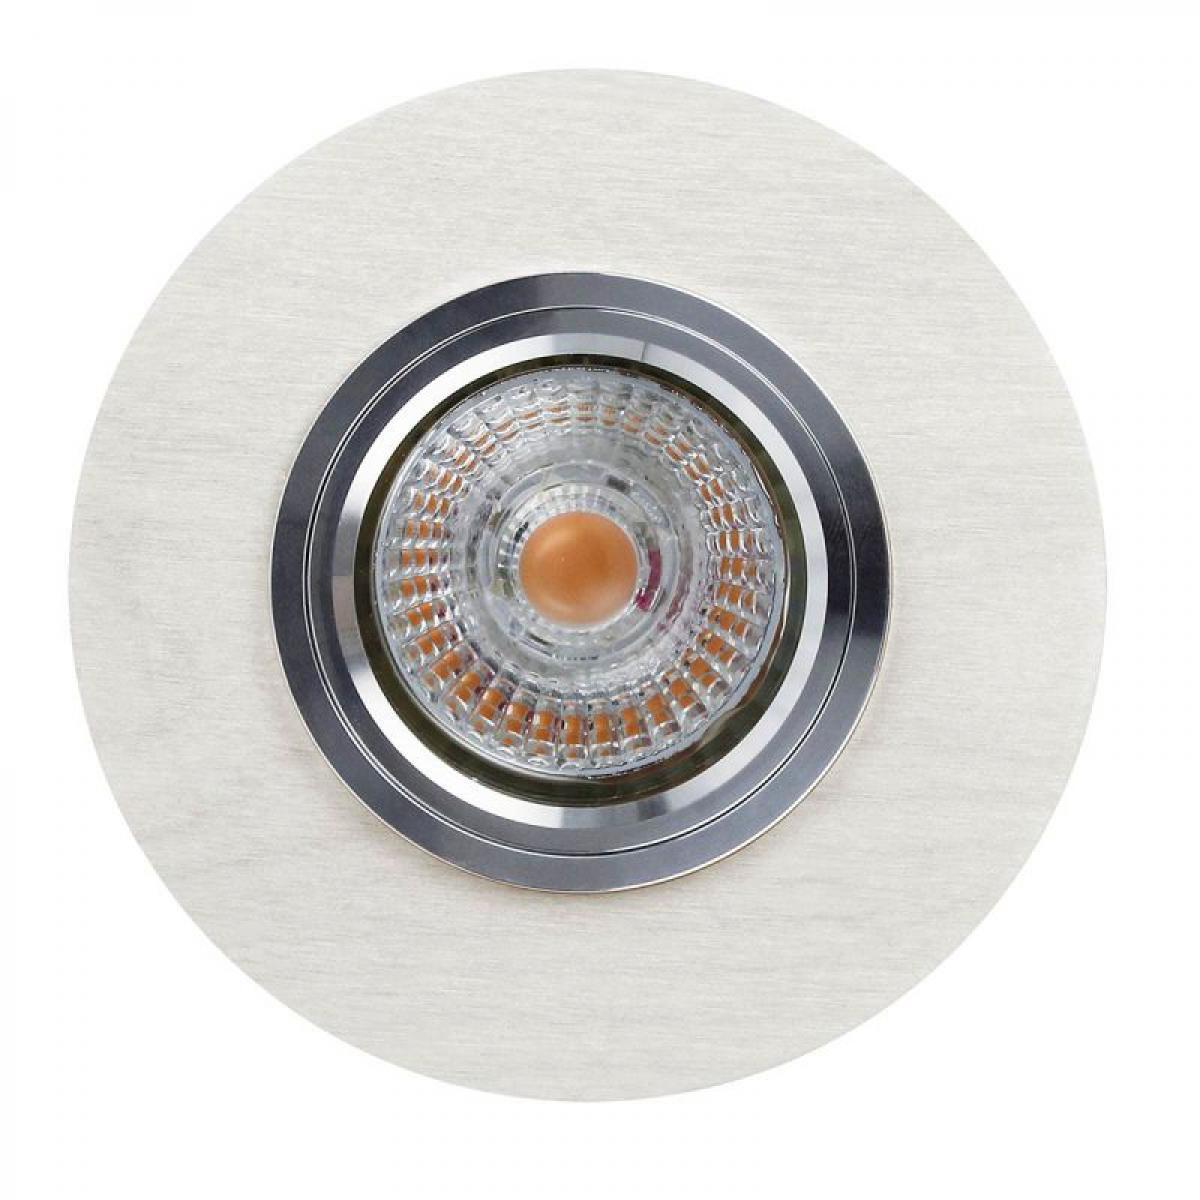 Paris Prix Spot Encastrable Rond LED Bois 13cm Blanc